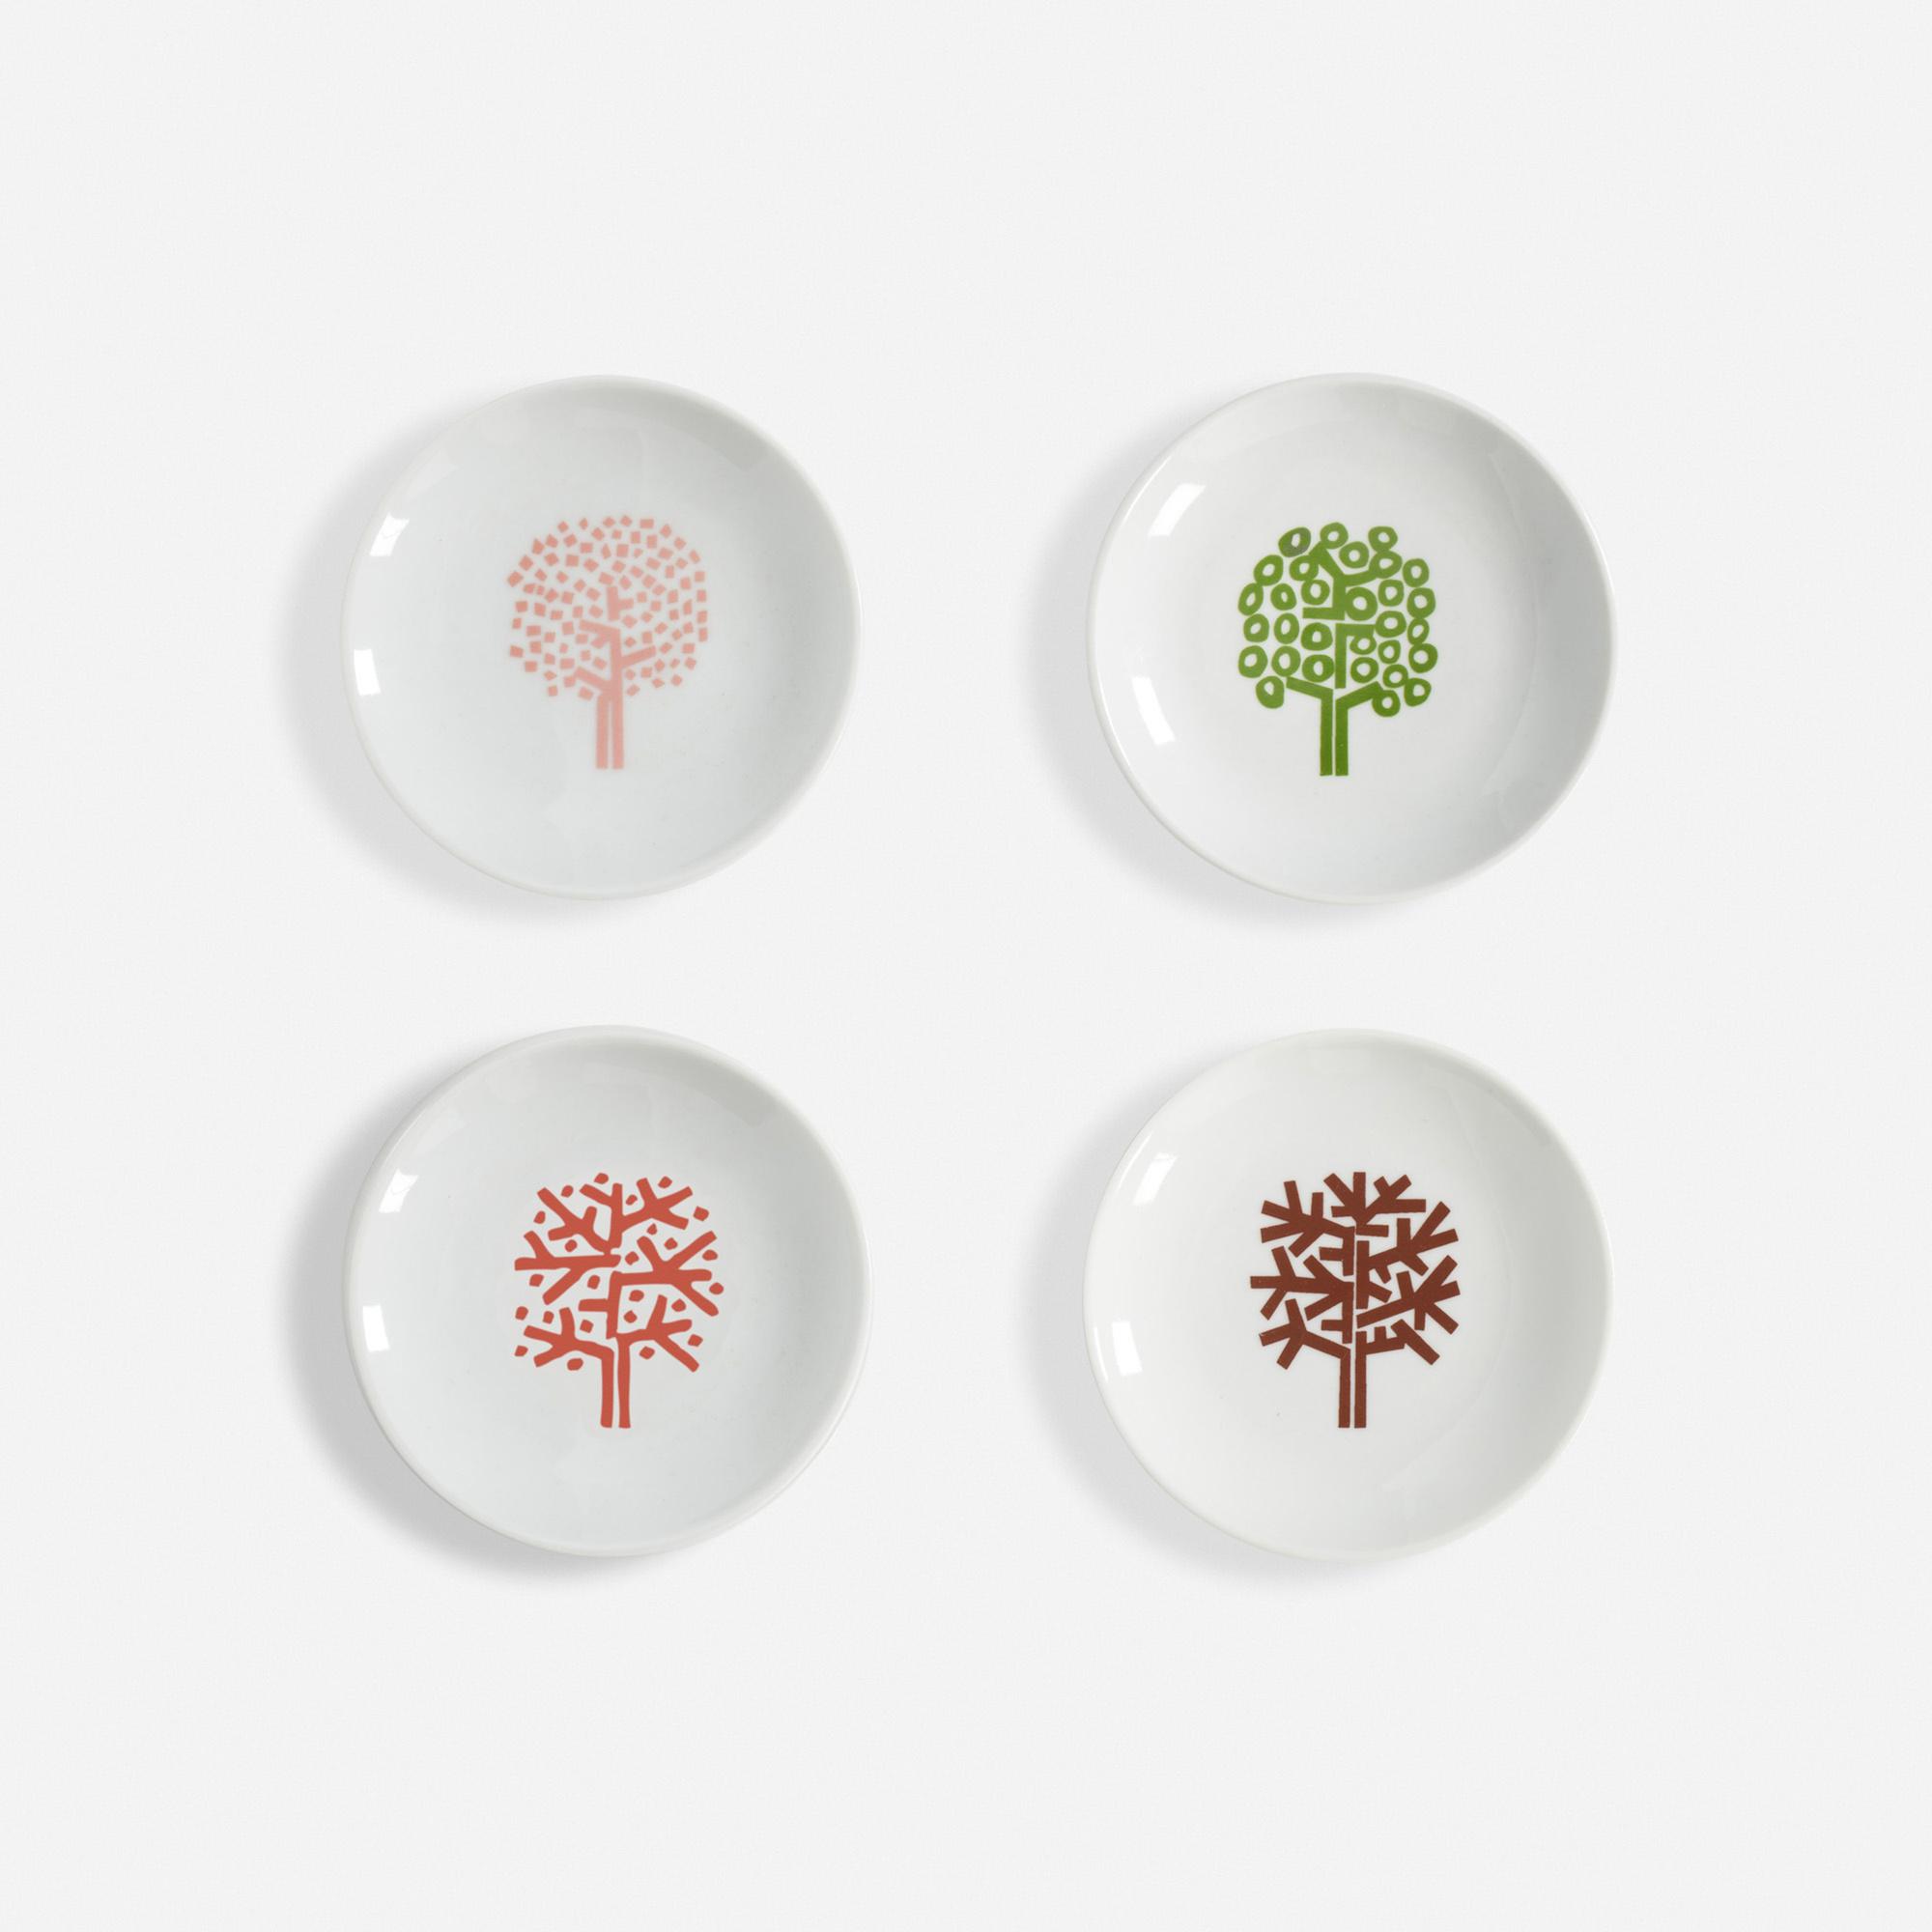 648:  / Four Seasons ashtrays, set of four (1 of 1)